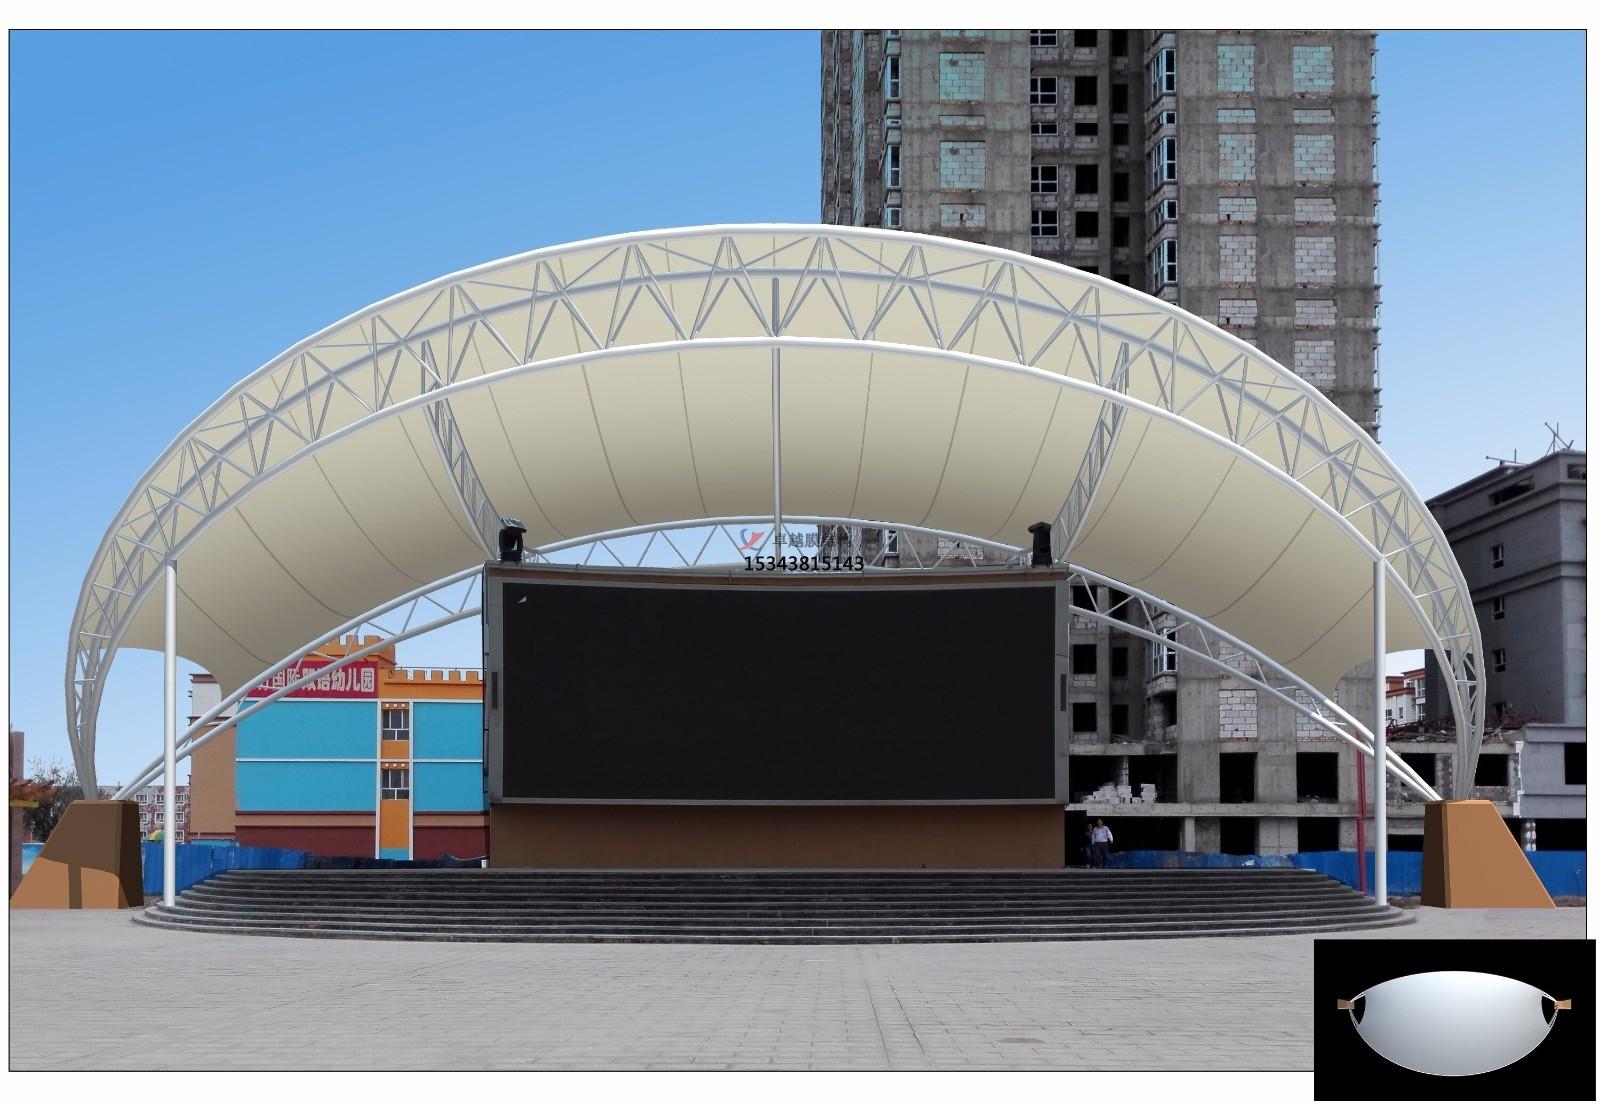 北京膜结构景观【张拉膜景观】承包安装价格